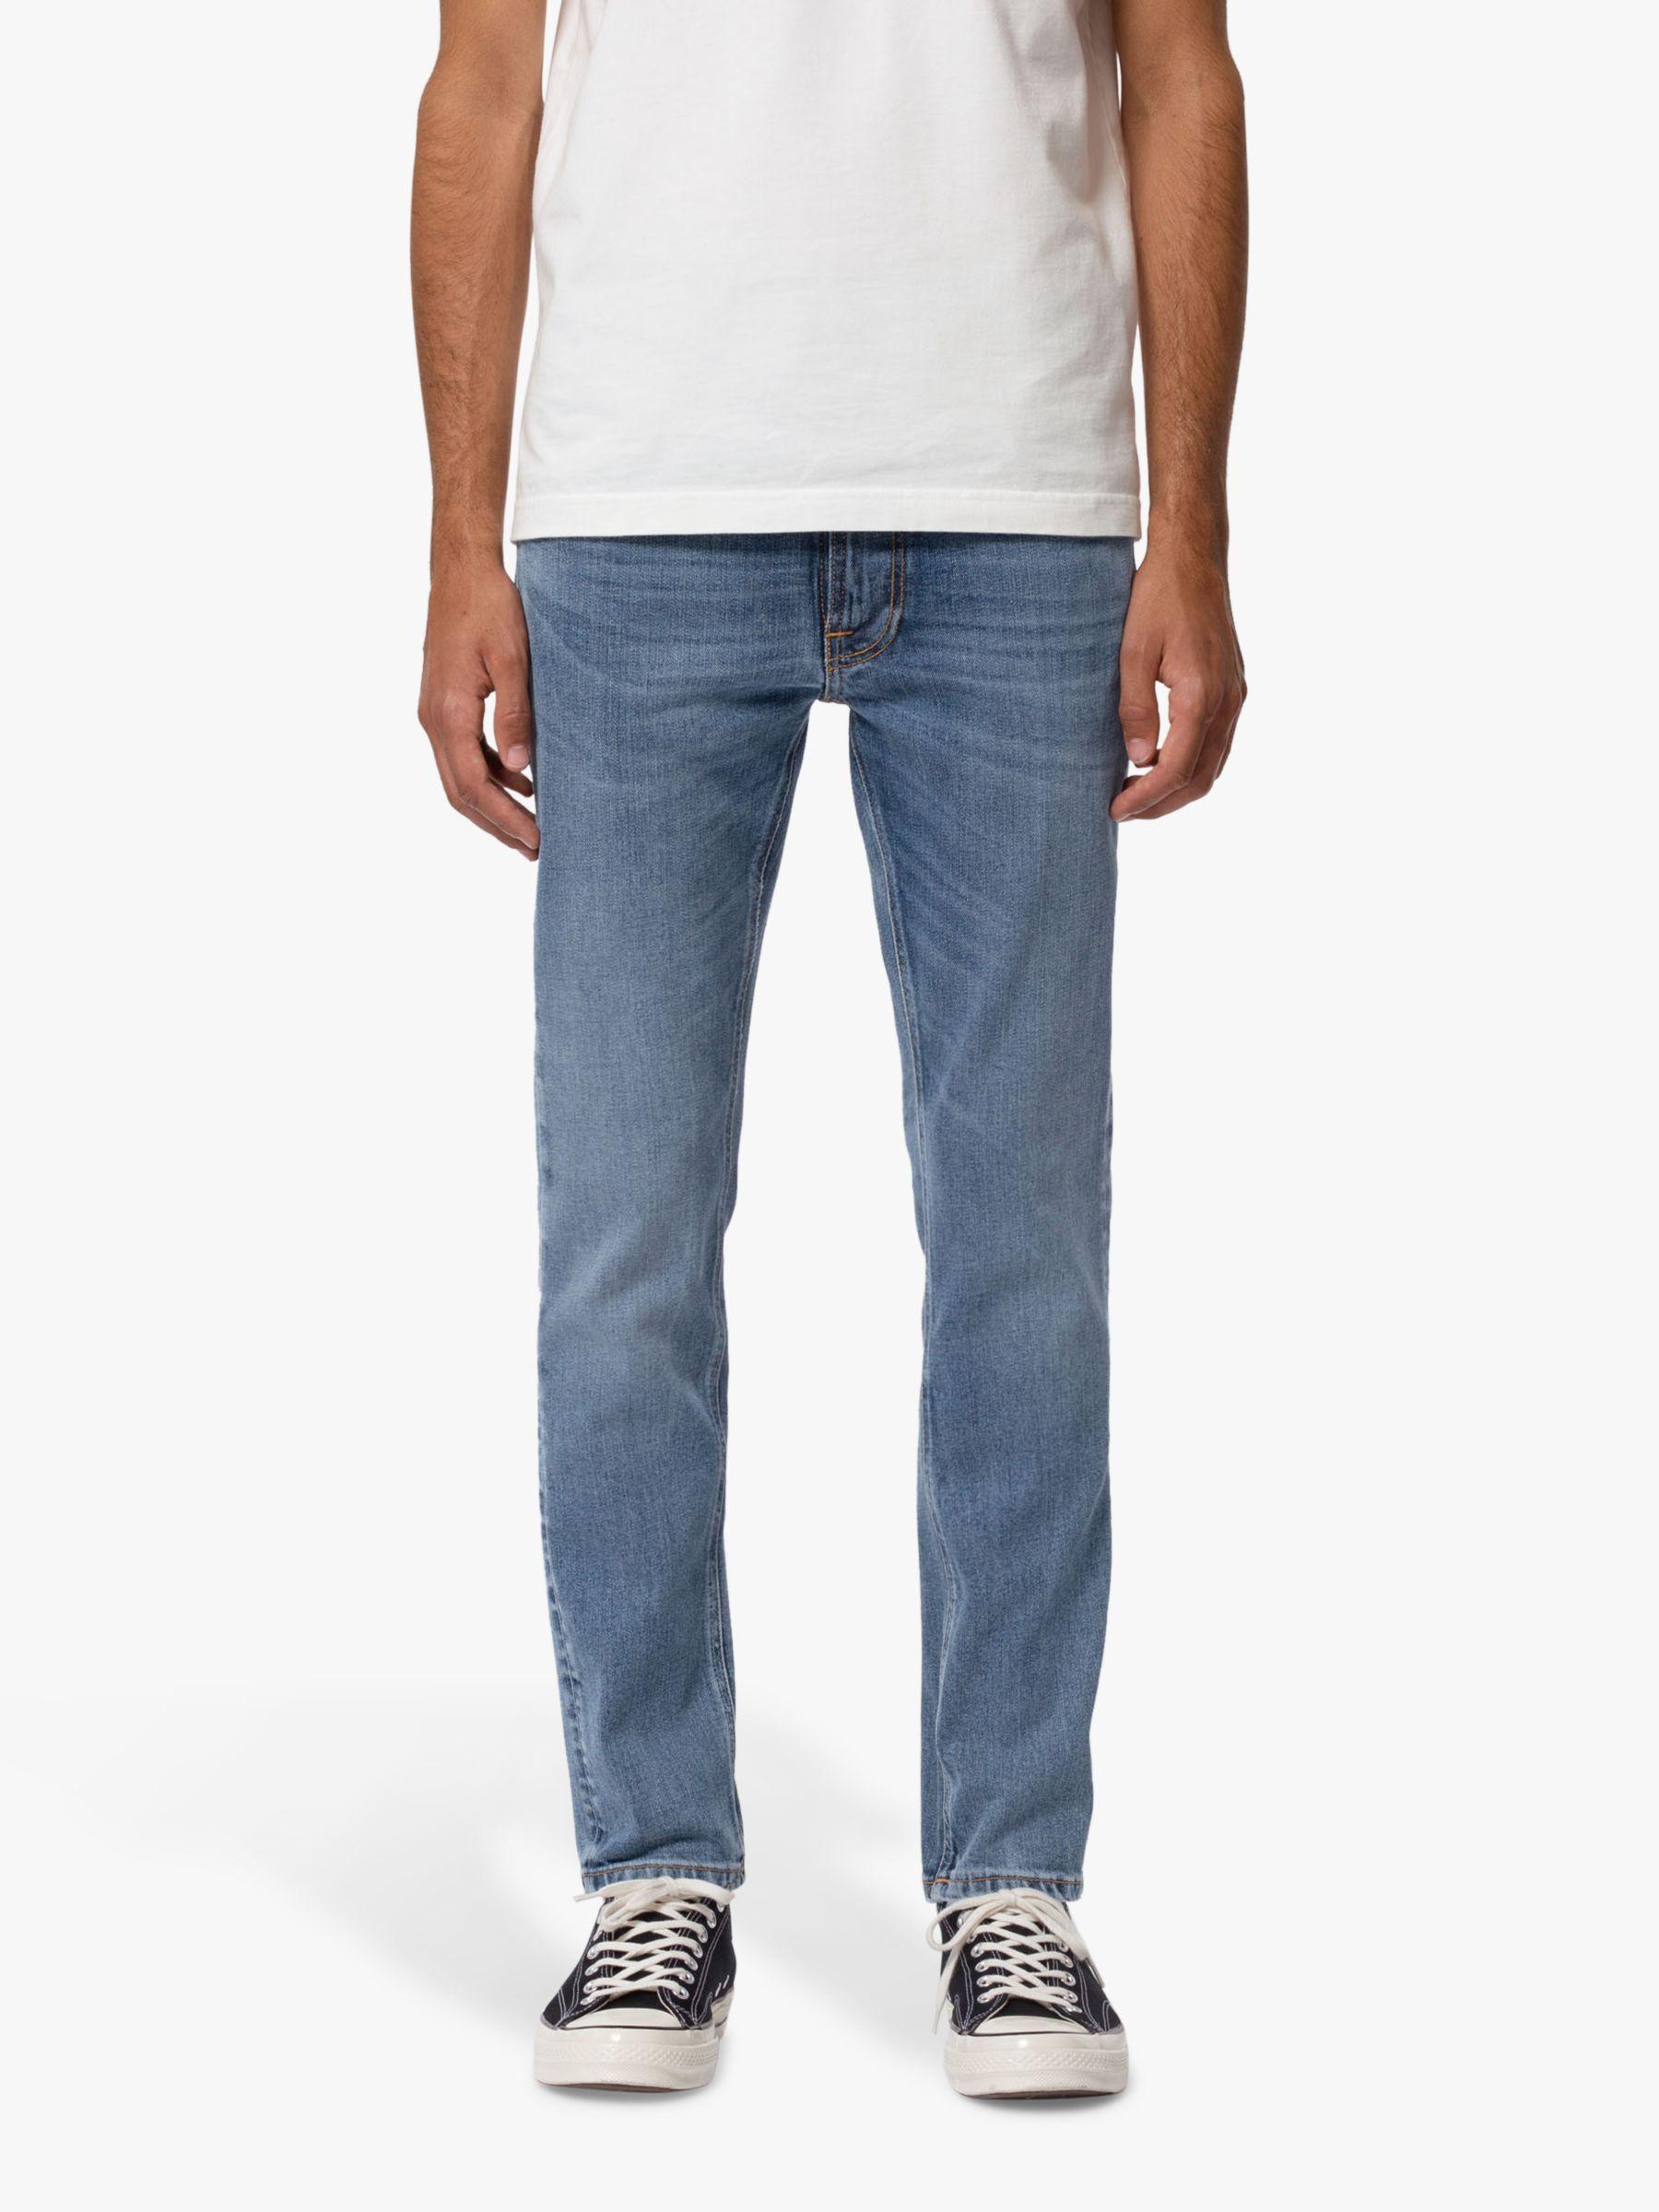 Nudie Jeans Nudie Jeans Slim Lean Dean Jeans, Lost Orange